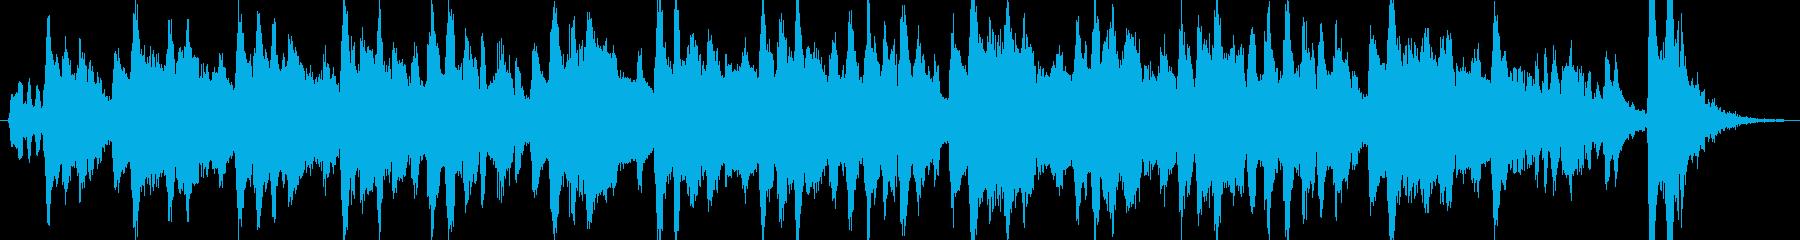 生フルートとクラリネットの可愛いワルツの再生済みの波形